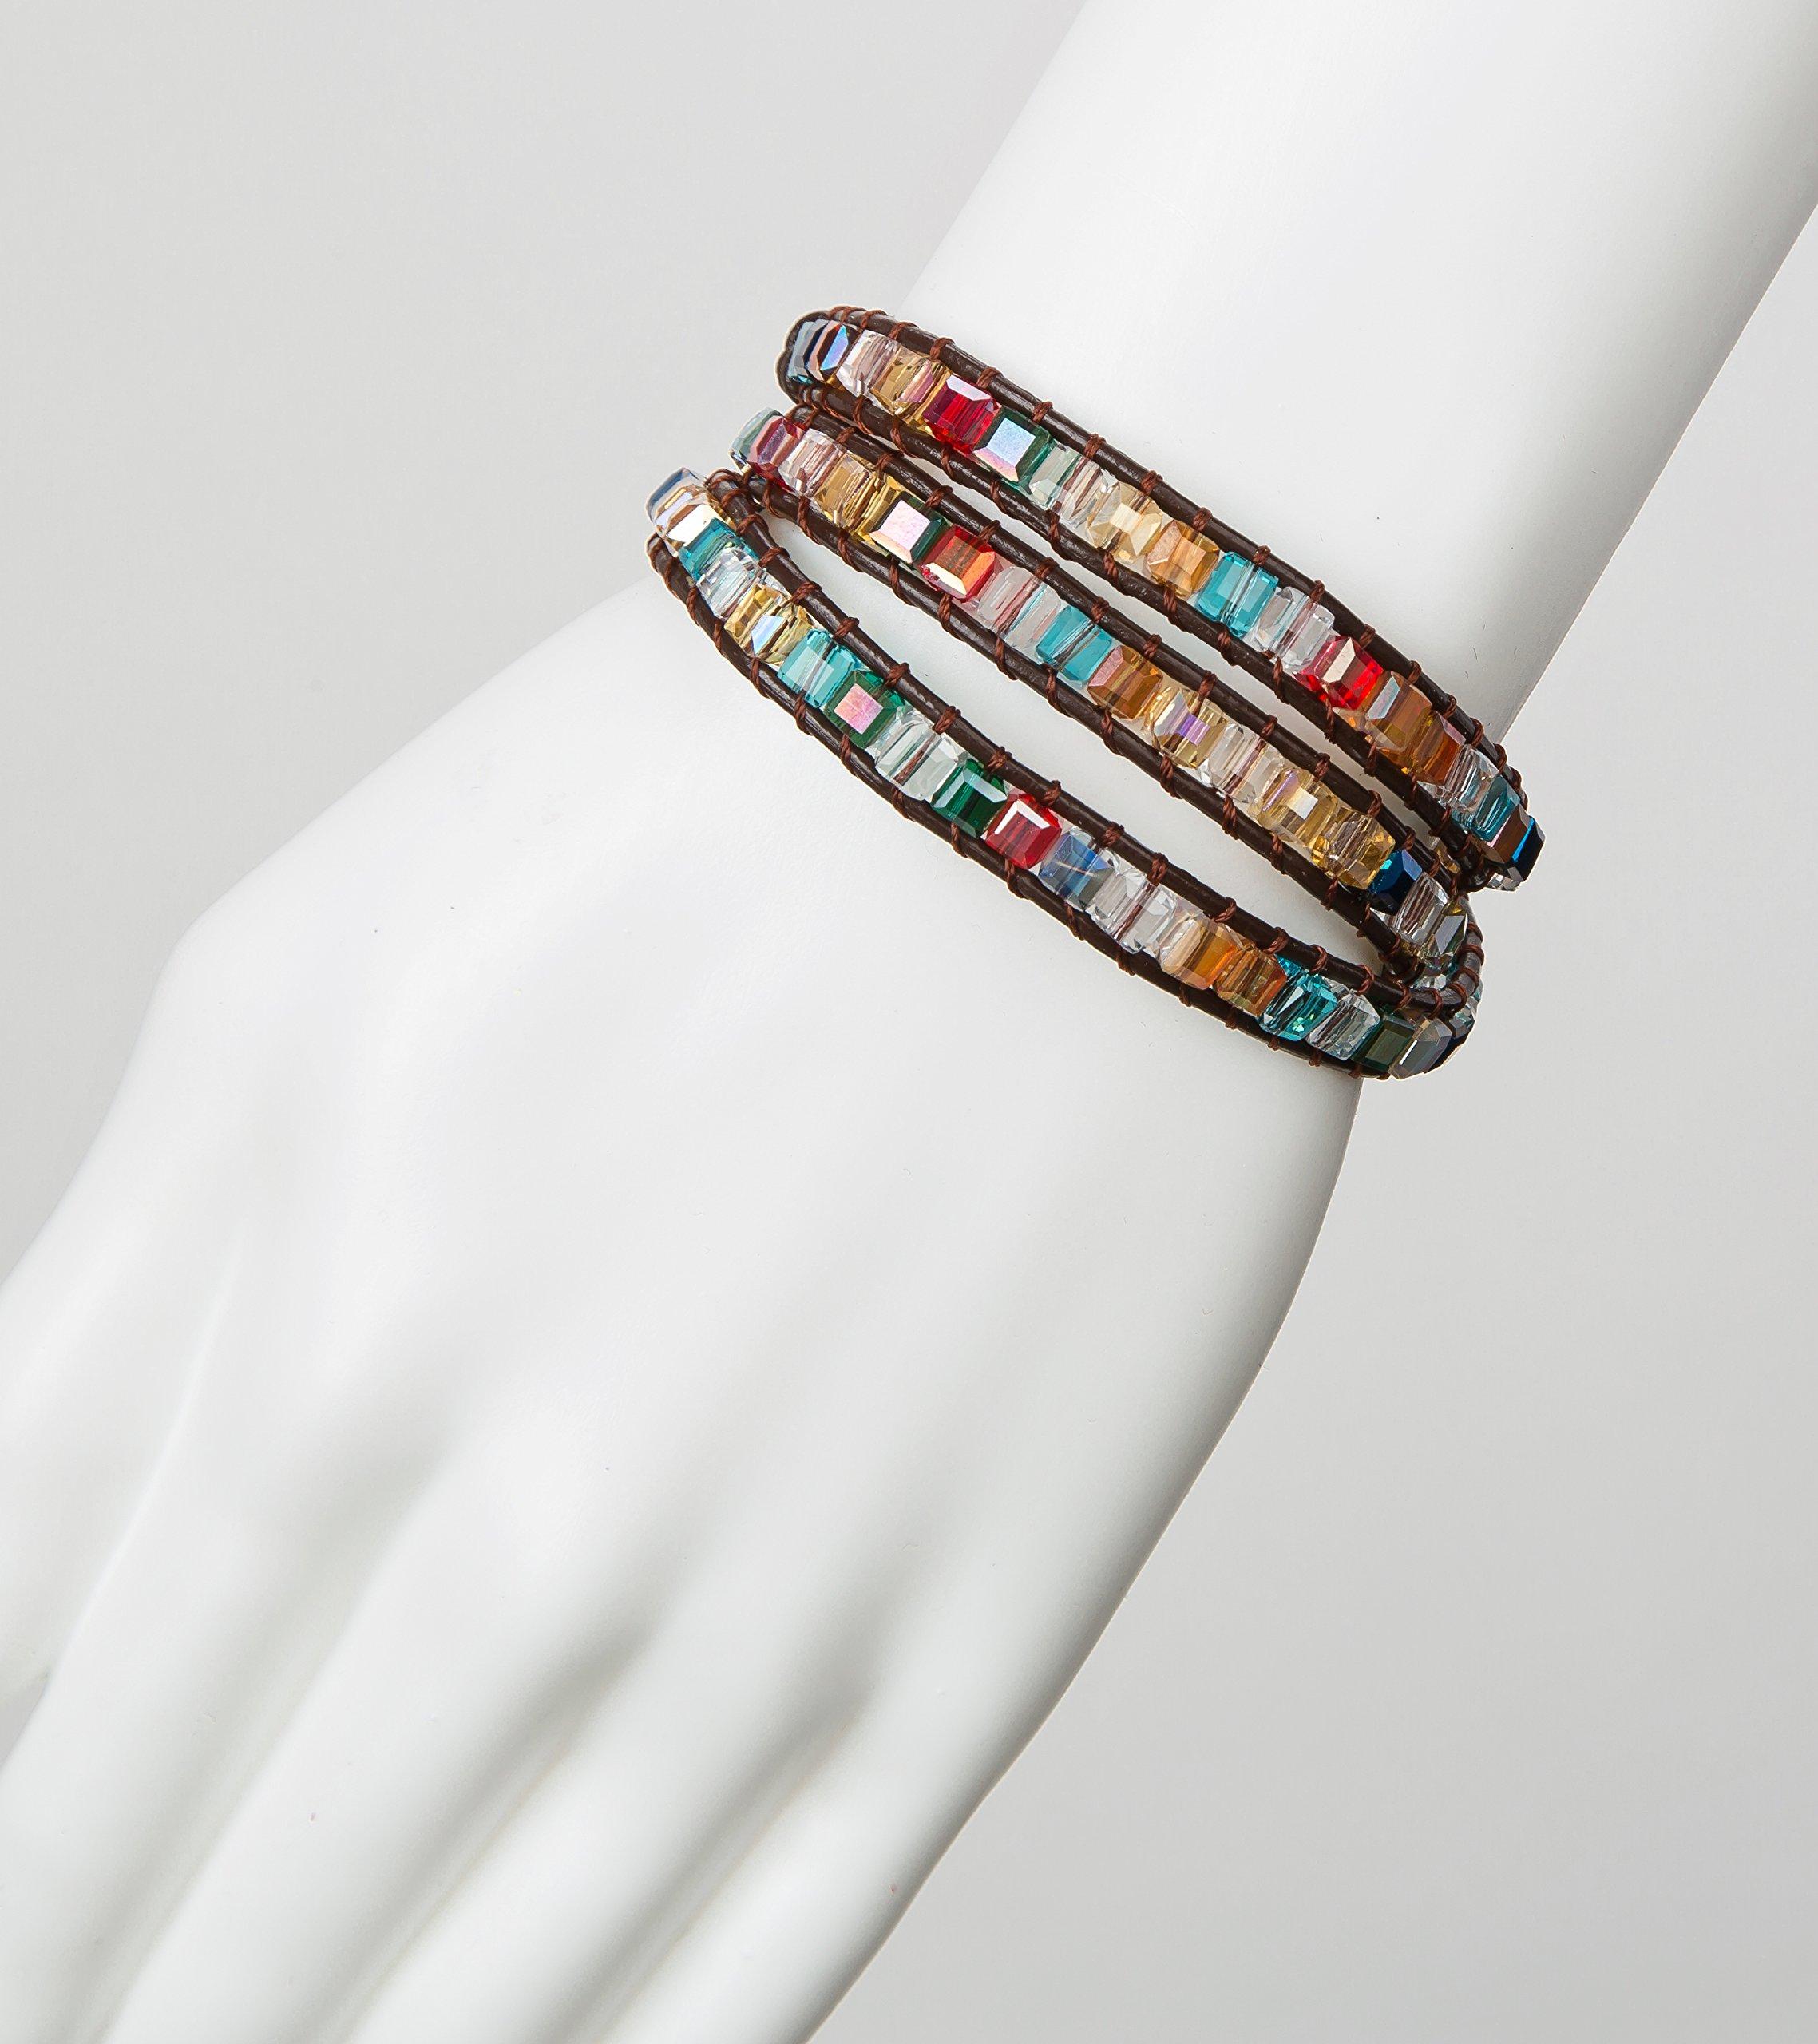 SPUNKYsoul 3 Wrap Dazzling Multi Color Crystal Leather Bracelet Collection by SPUNKYsoul (Image #6)